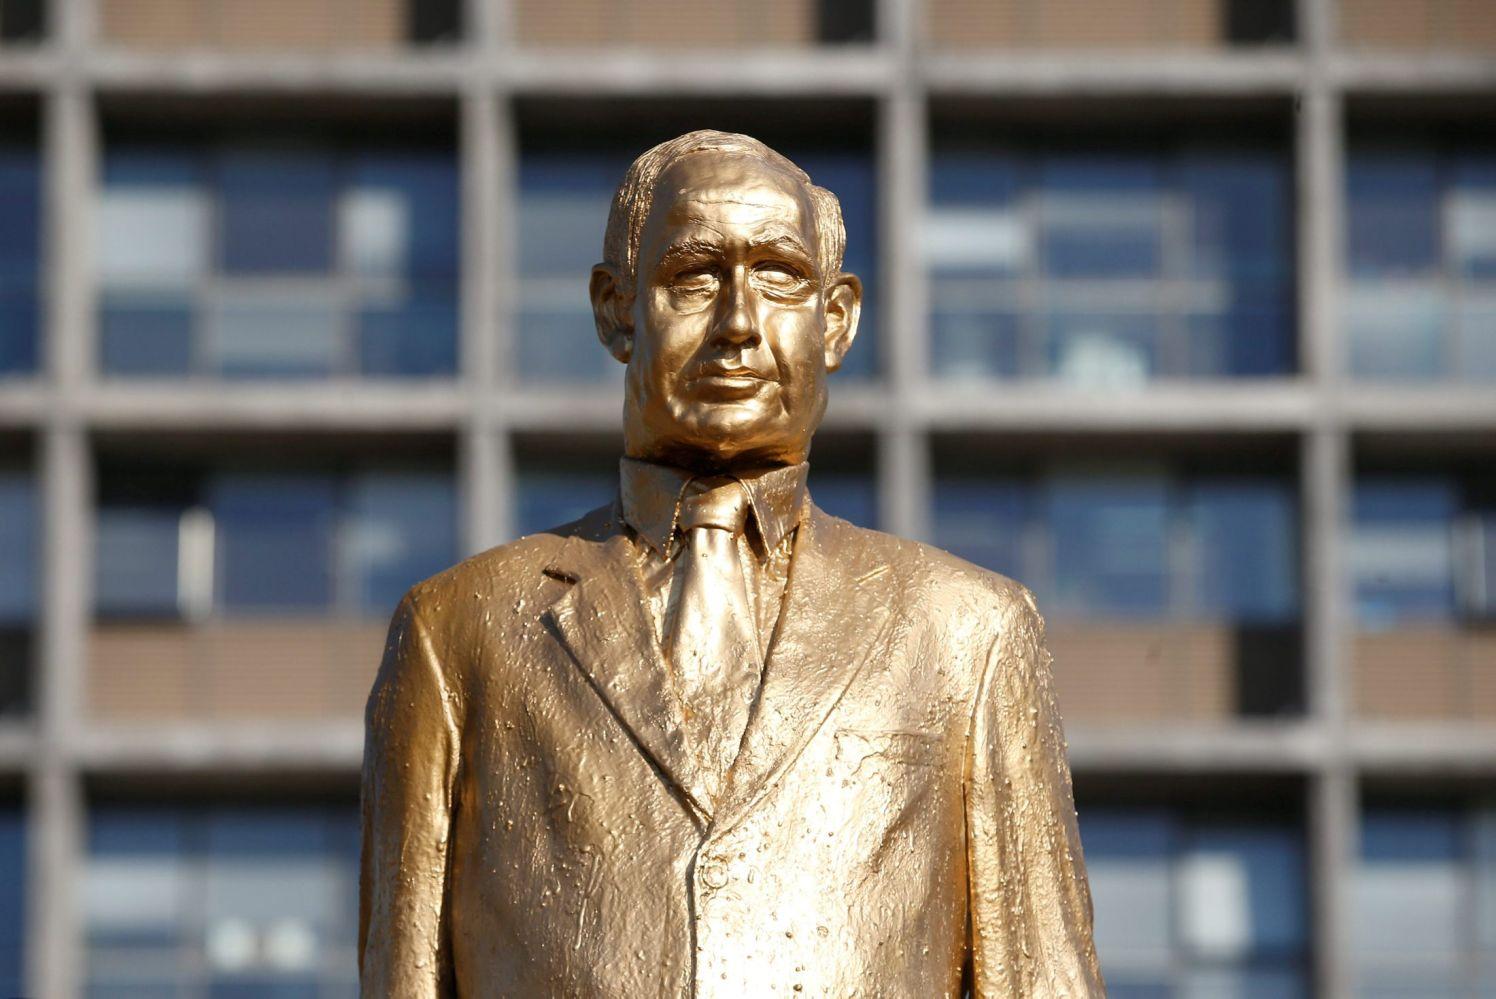 مجسمه نتانیاهو در میدان تلآویو به زیر کشیده شد+تصاویر